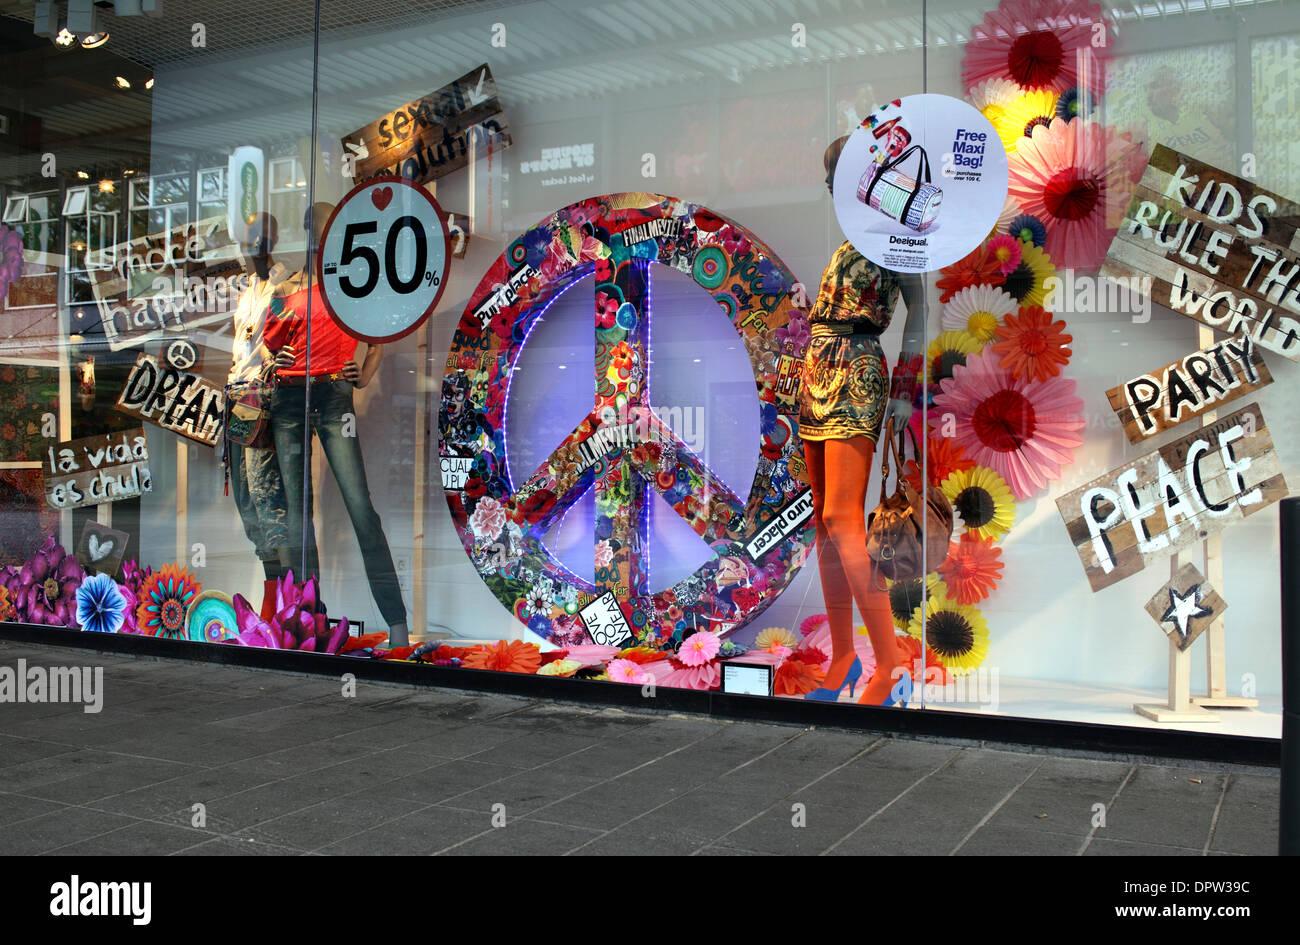 Il disarmo nucleare simbolo utilizzato come parte di una moda display in un negozio olandese finestra, Lijnbaan, Rotterdam. Immagini Stock